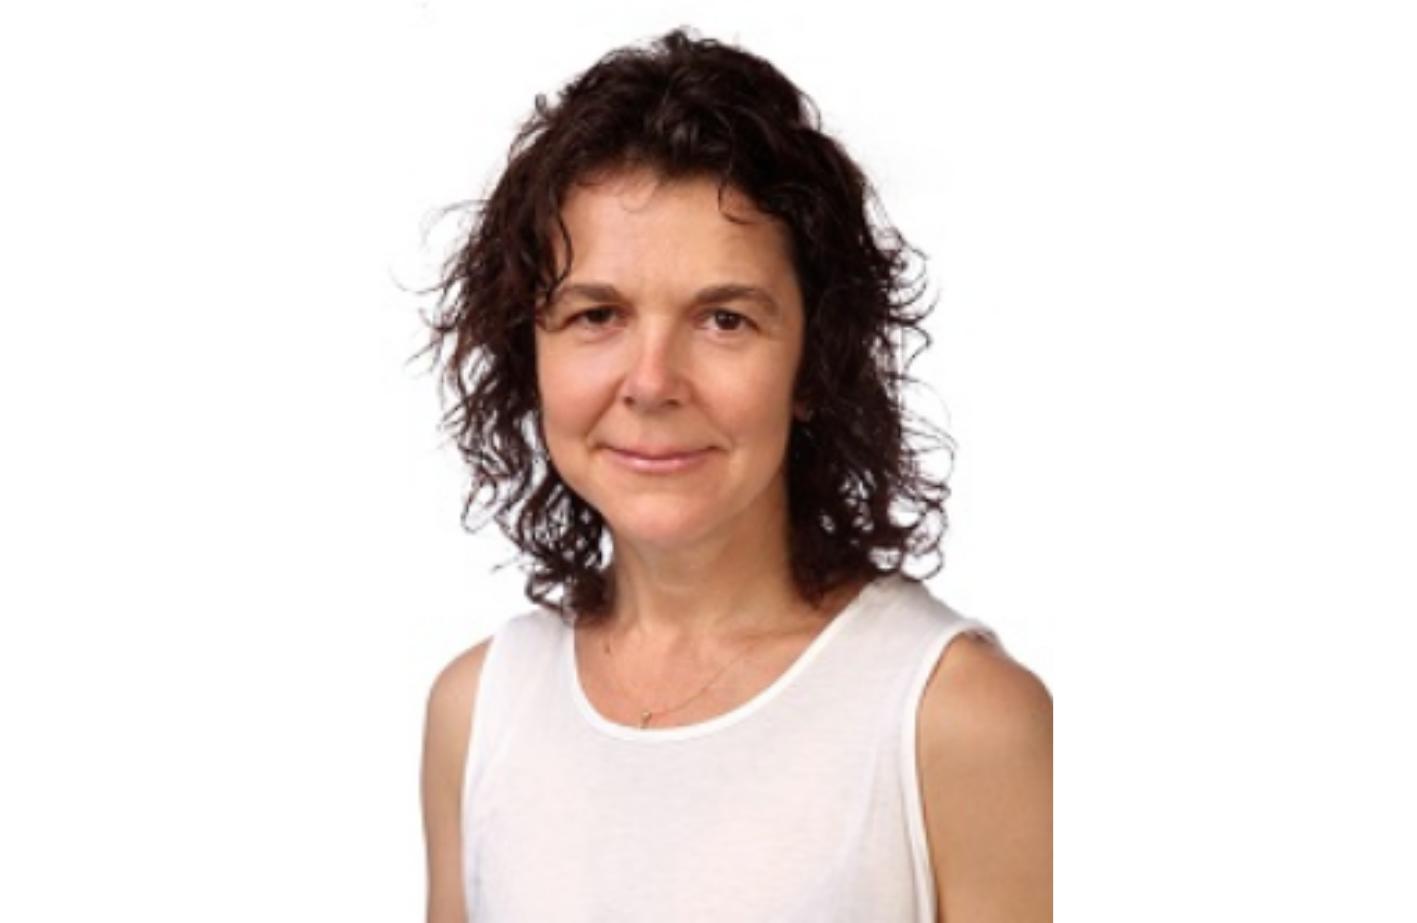 Spotlight on Australian Guide Natalie Wieneroider